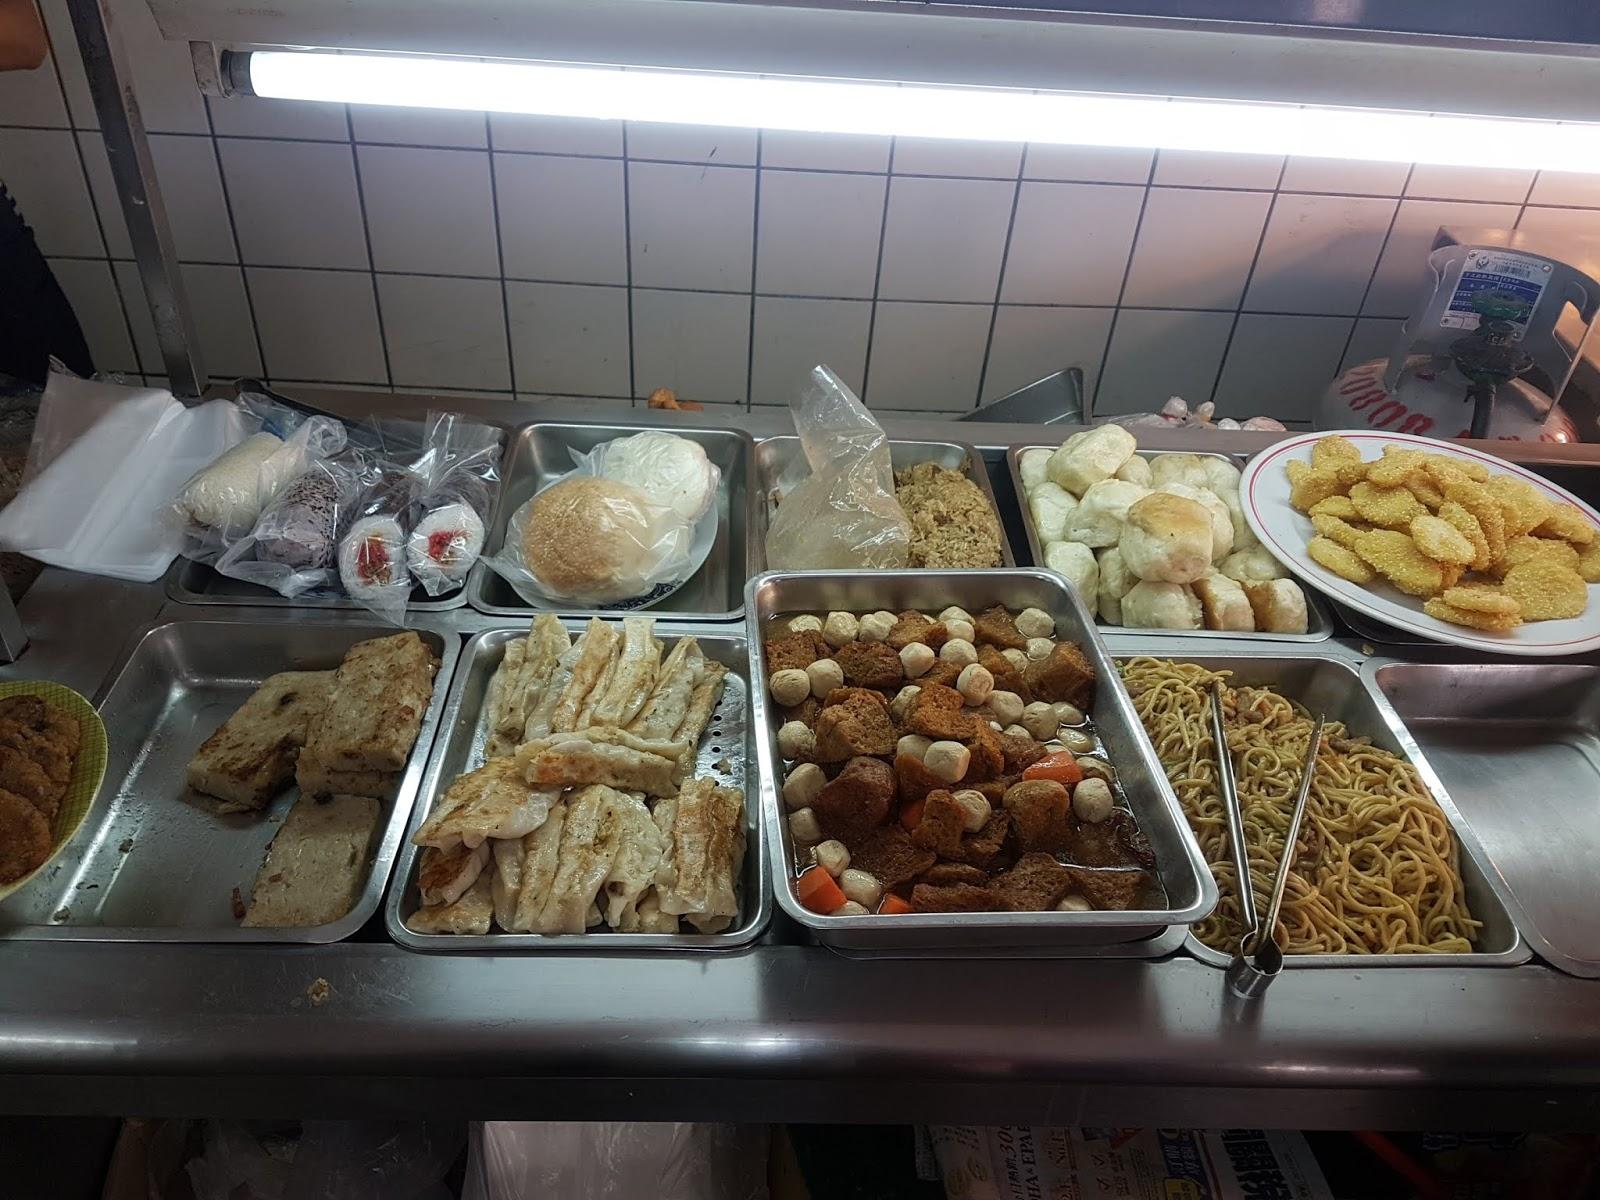 健康素友社: 新北市蘆洲區大眾素食 1071020